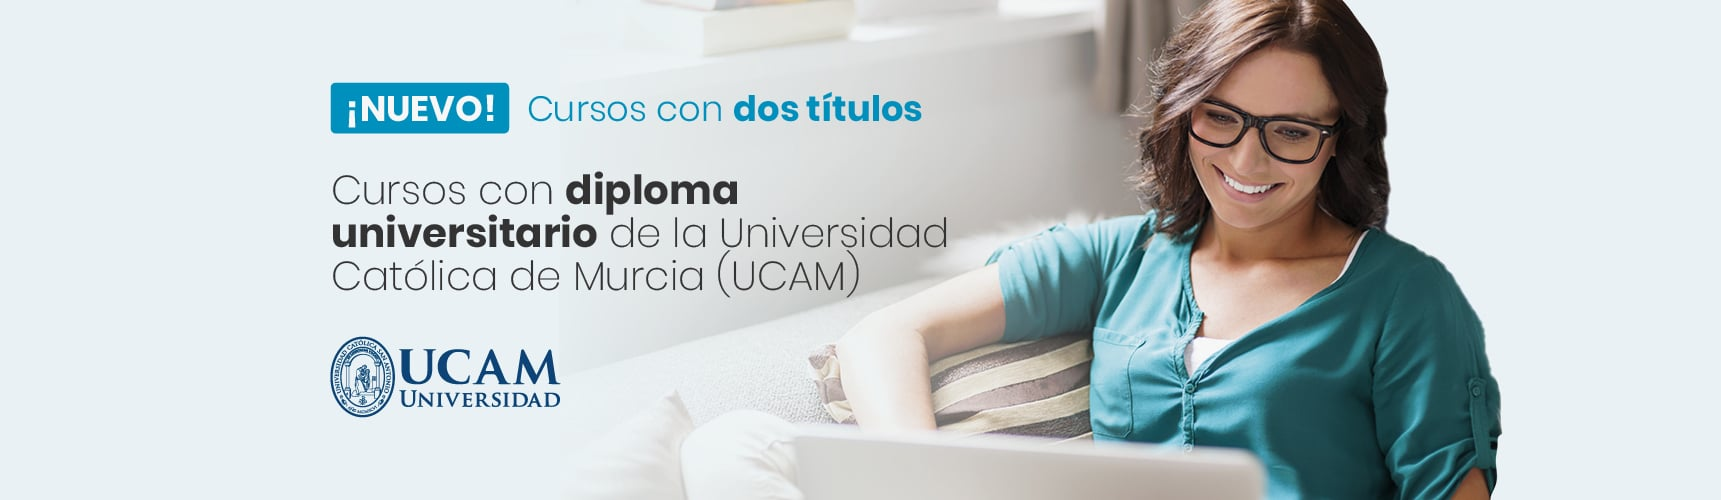 Cursos Superiores con titulación UCAM